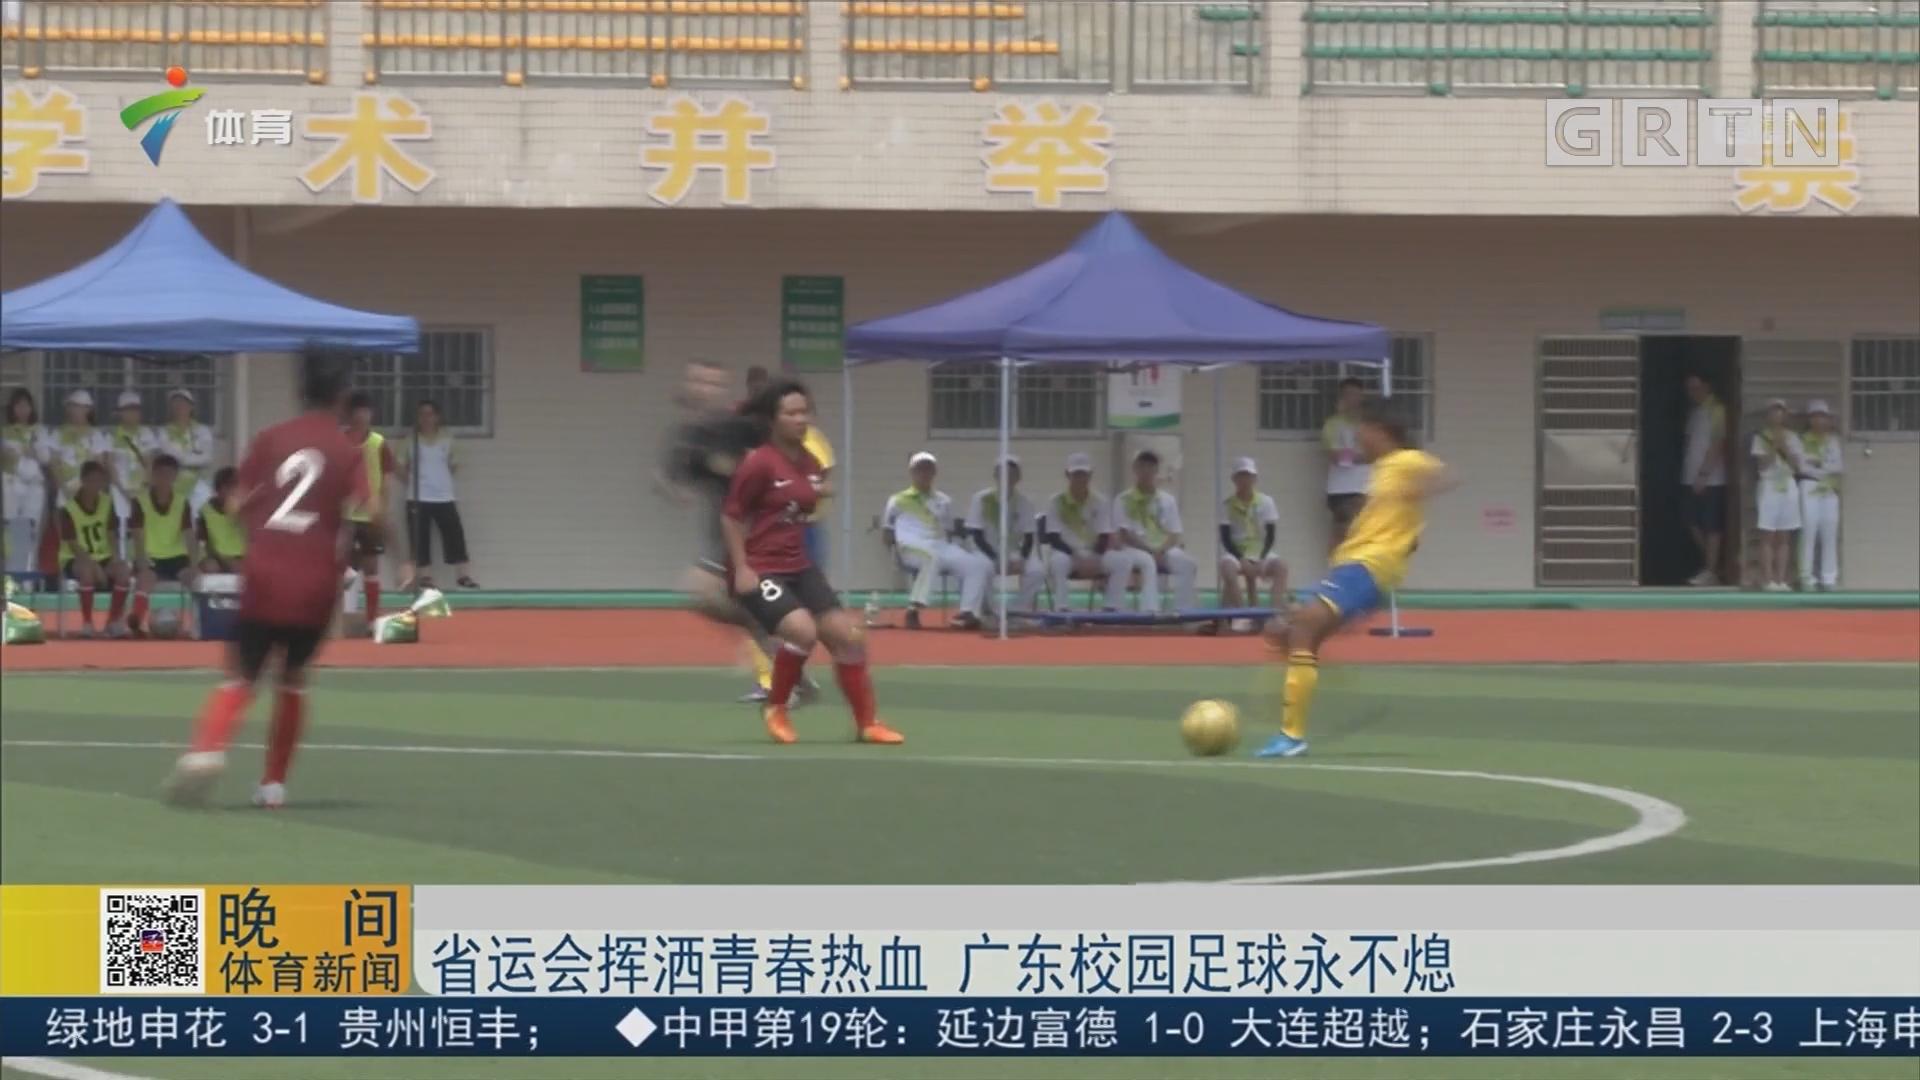 省运会挥洒青春热血 广东校园足球永不熄